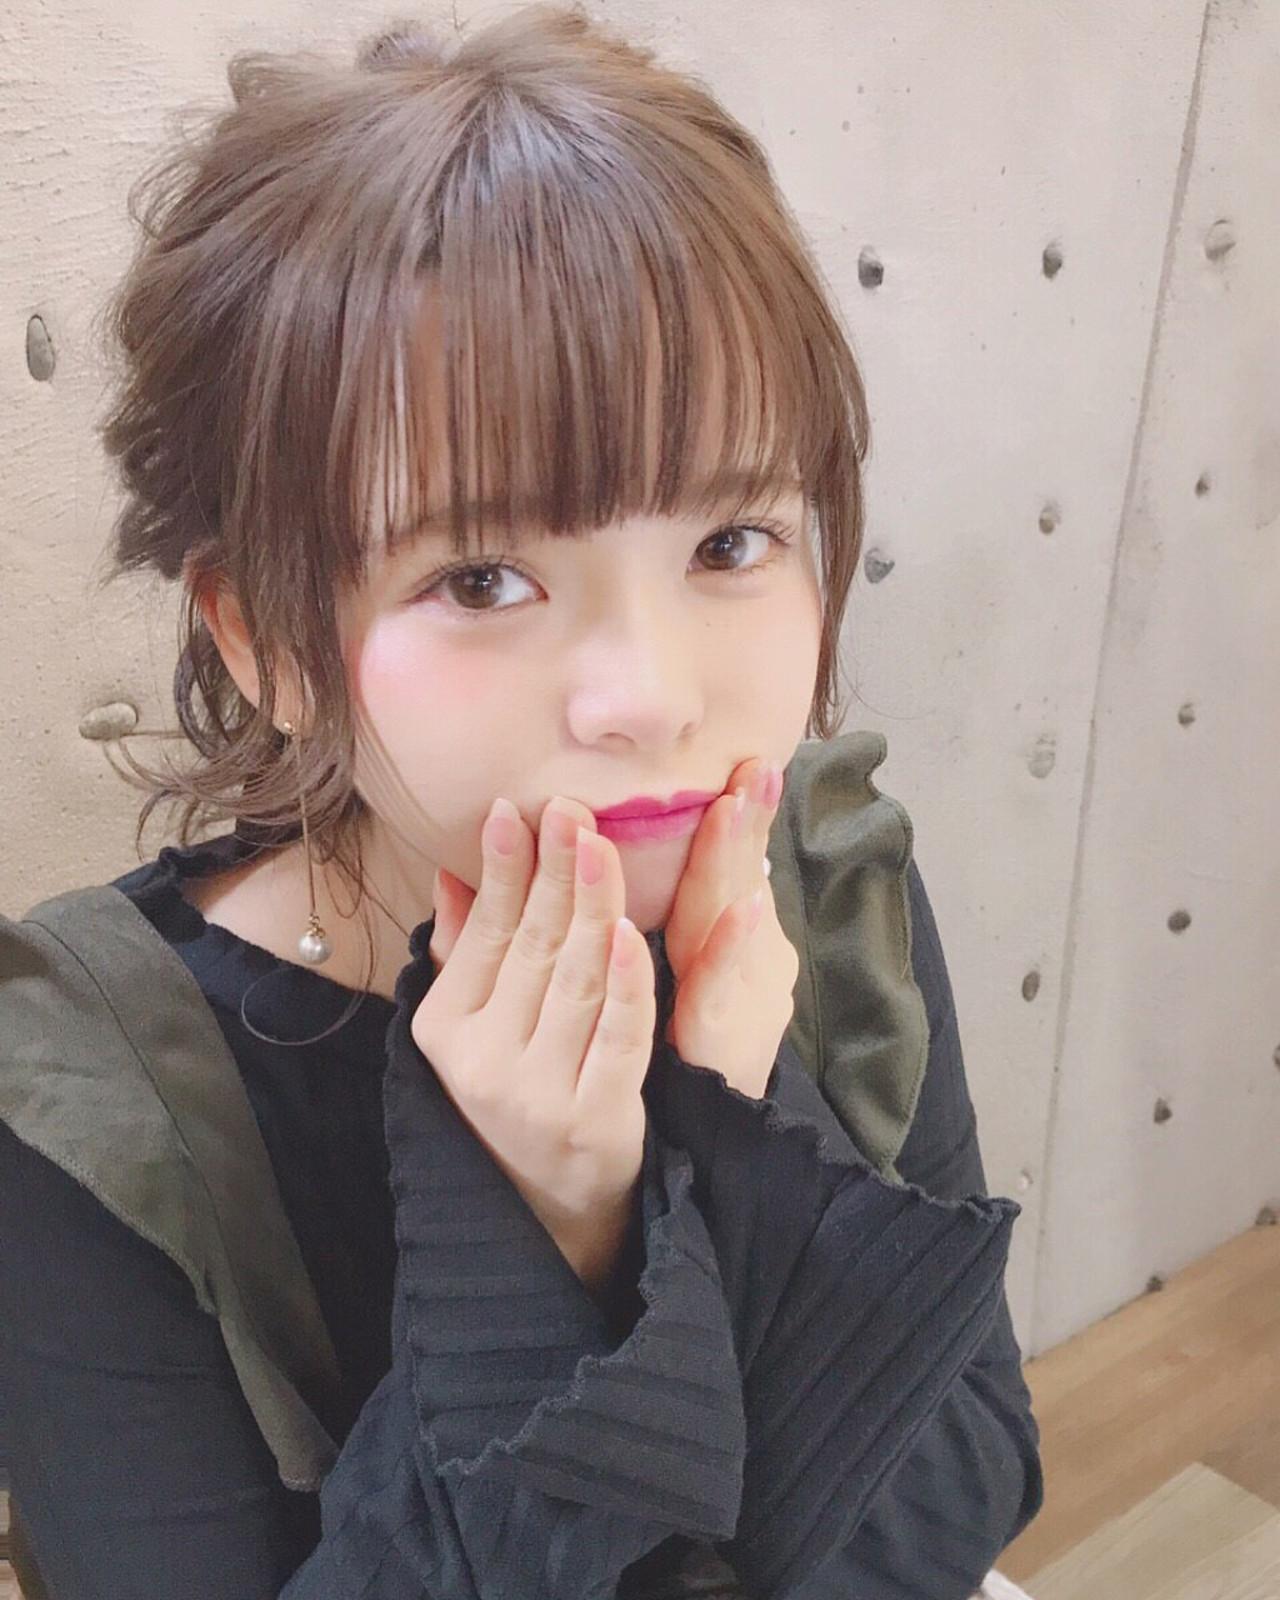 ポニーテールの横毛の切り方について Wataru Maeda  cache cache